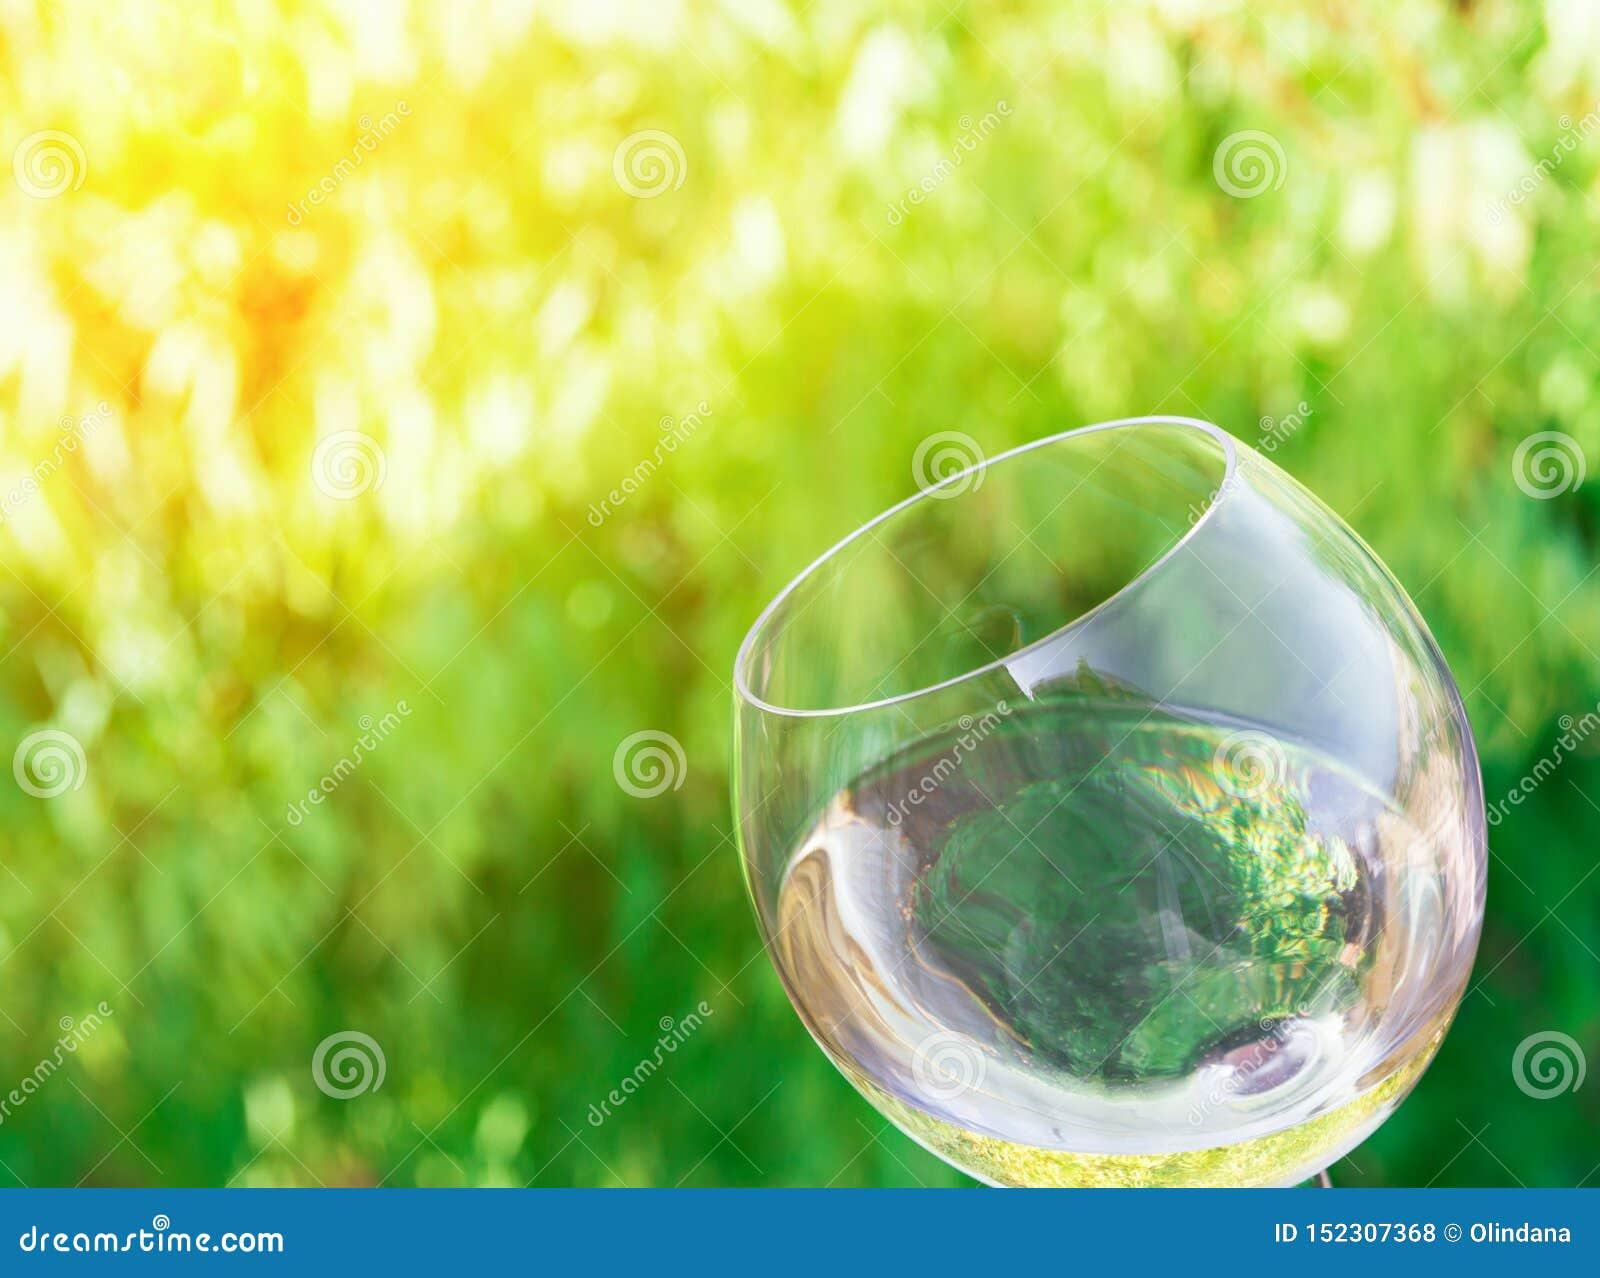 Overgeheld glas witte droge wijn op de groene achtergrond van gebladertewijnstokken Gouden zonlicht Authentiek Levensstijlbeeld